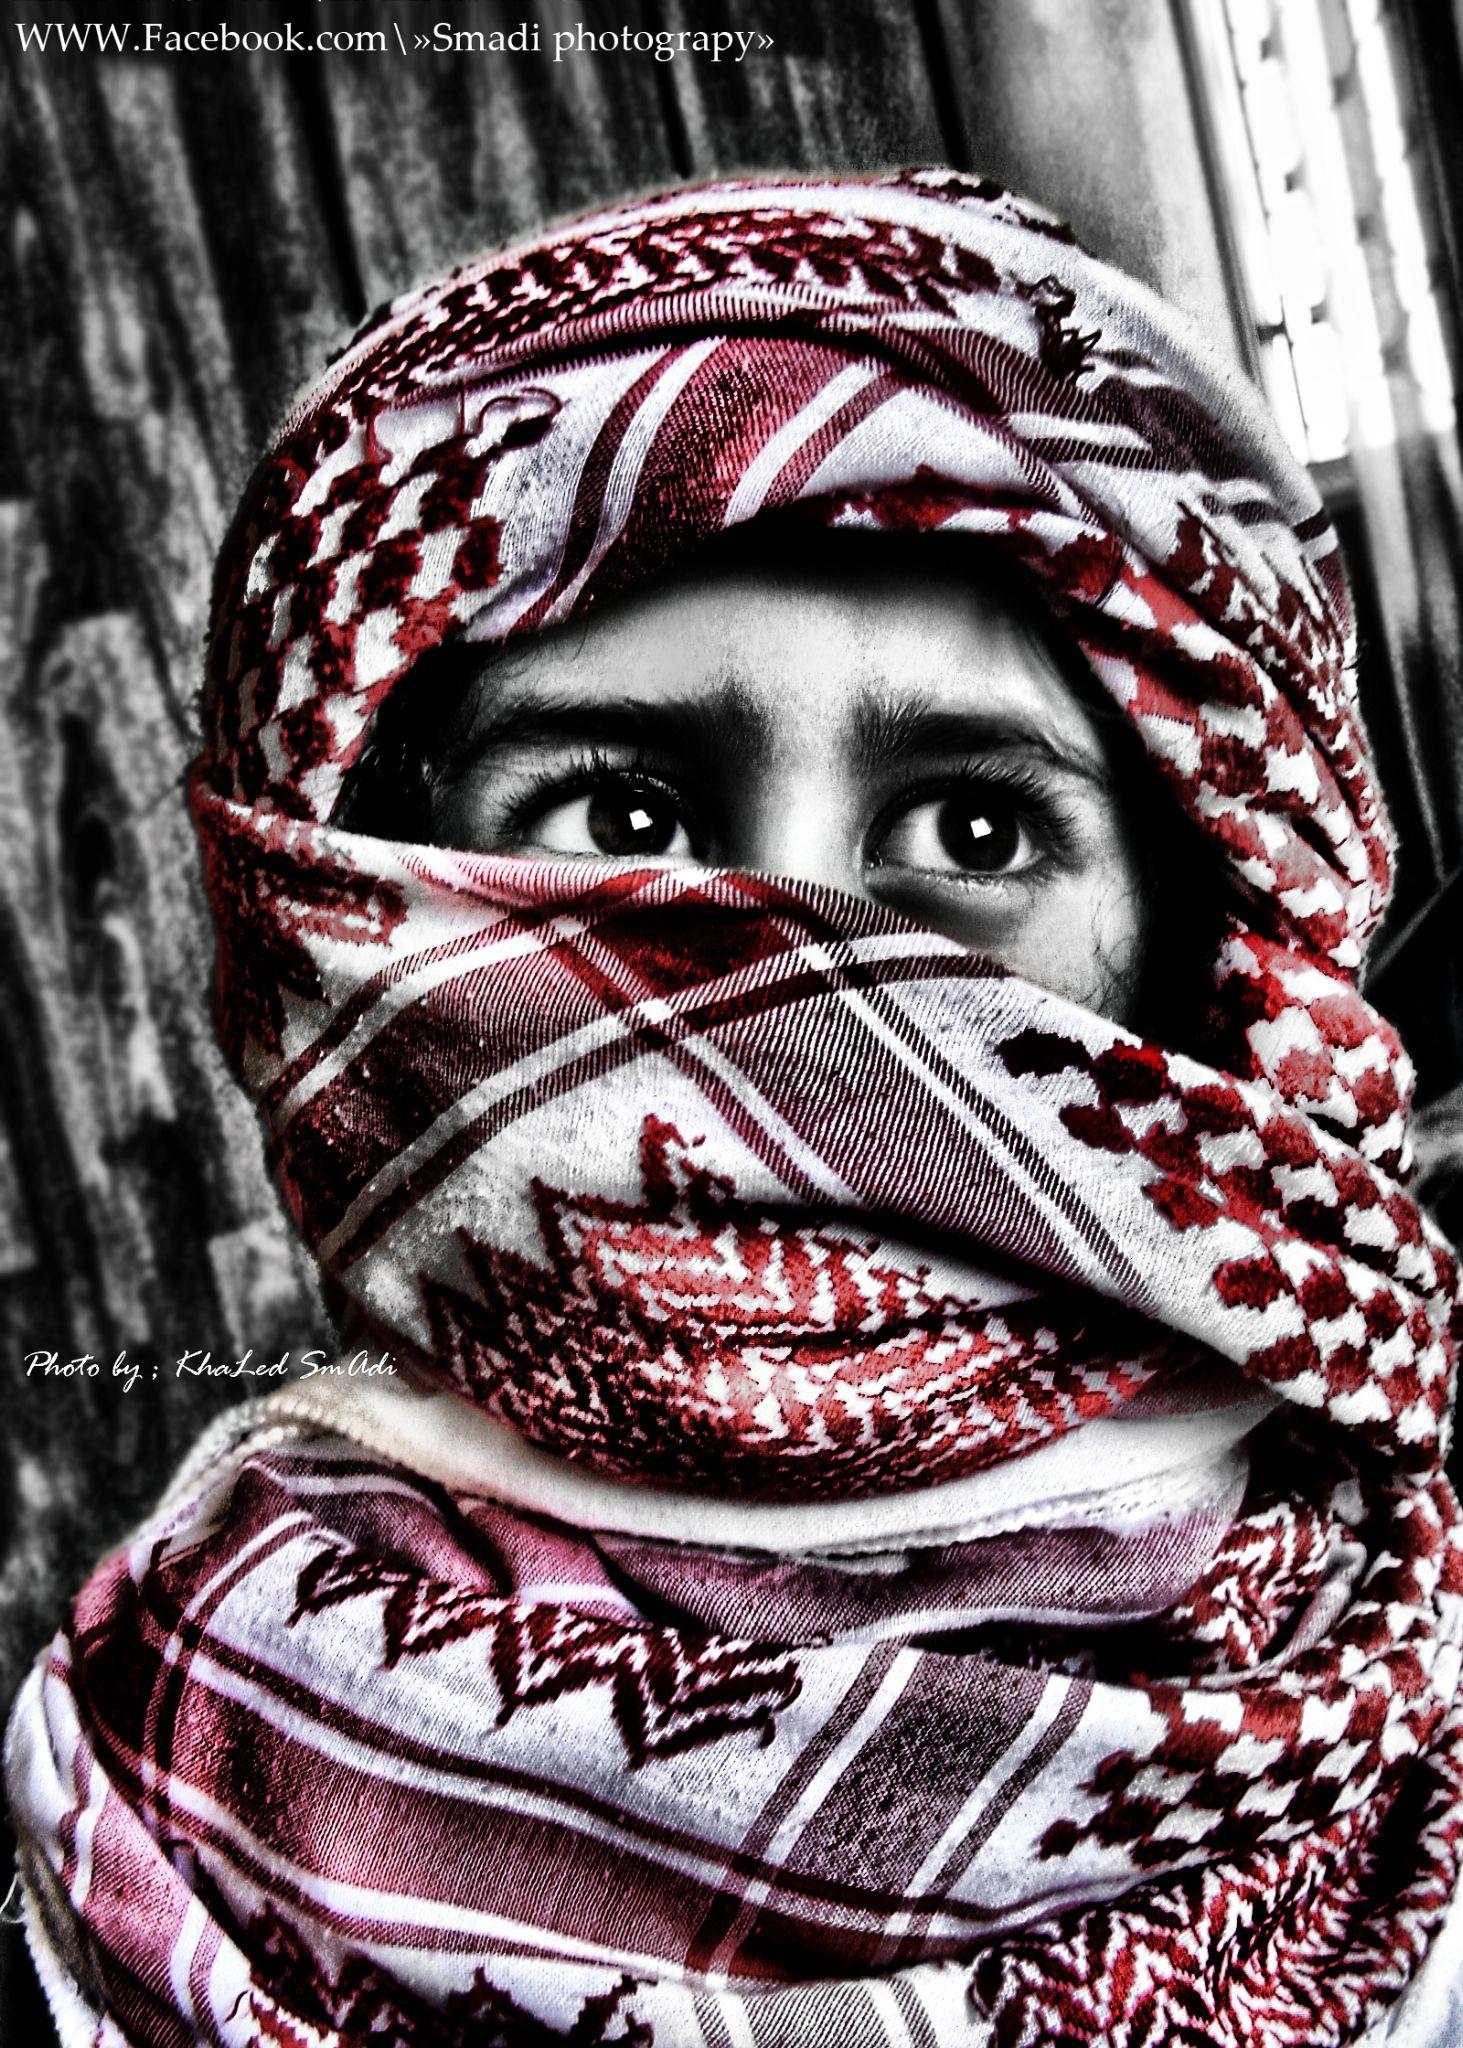 N$MI HDR by KHALED SMADI